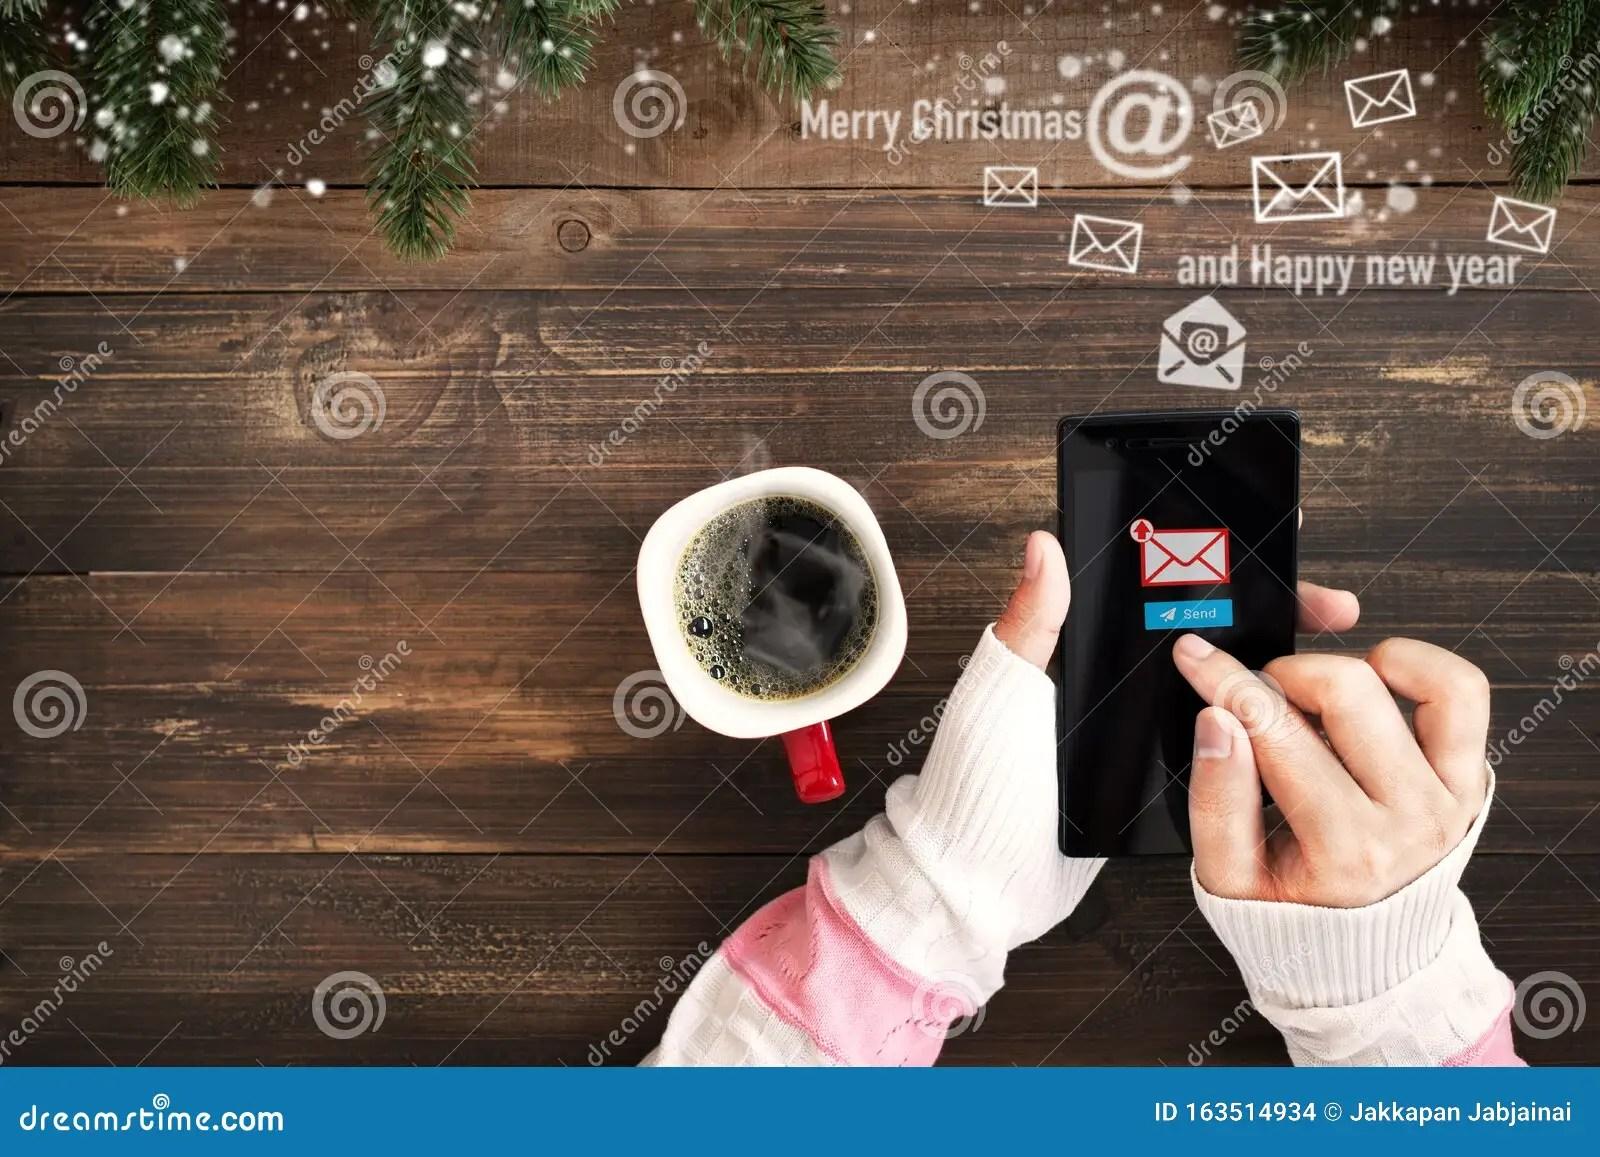 Compra cartoline di natale,24 biglietto auguri natale con buste e adesivi da busta, regalo natale cartoline, cartolina di natale per salutare familiari,. Messaggio Di Auguri Per Natale E Capodanno Via Email Fotografia Stock Immagine Di Adulto Amore 163514934